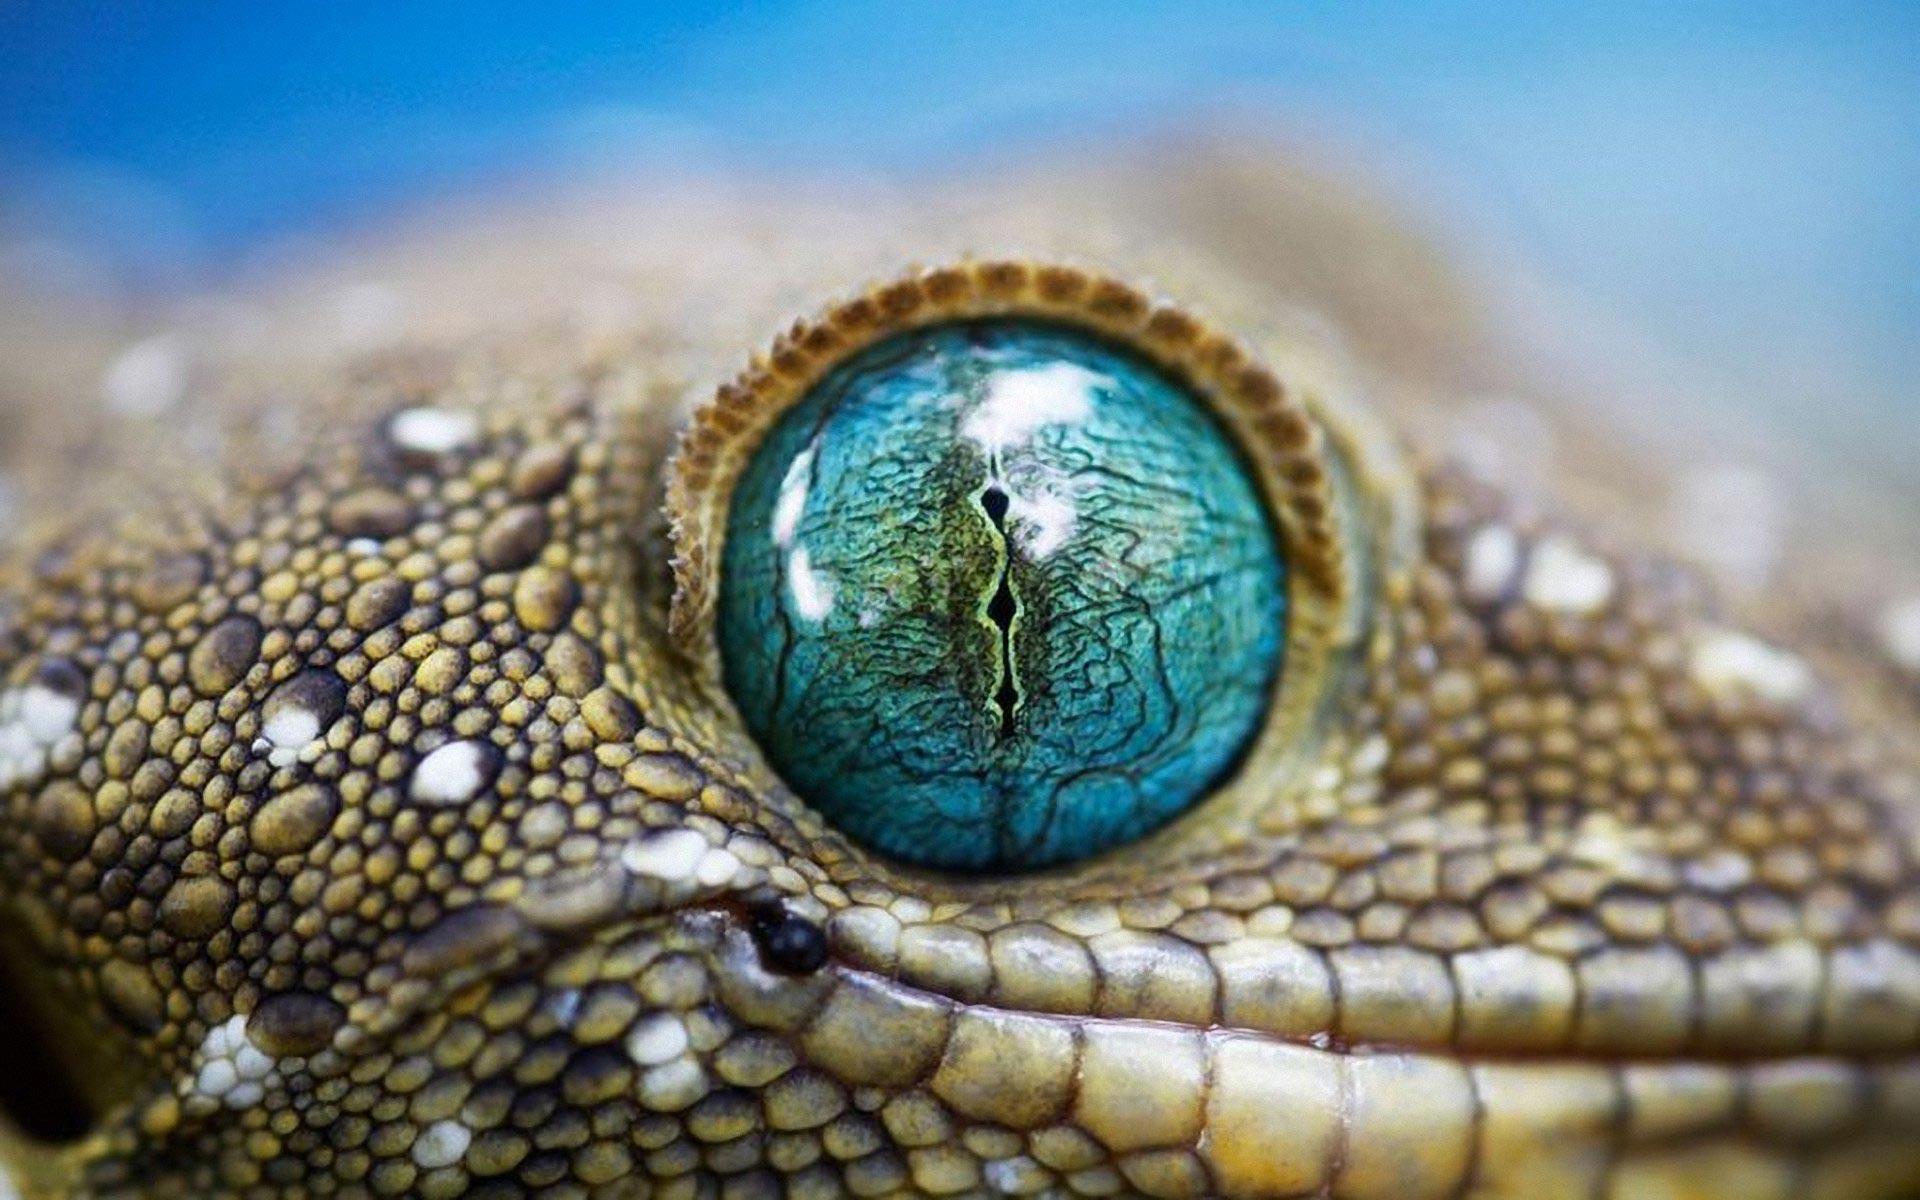 crocodile eye wallpapers